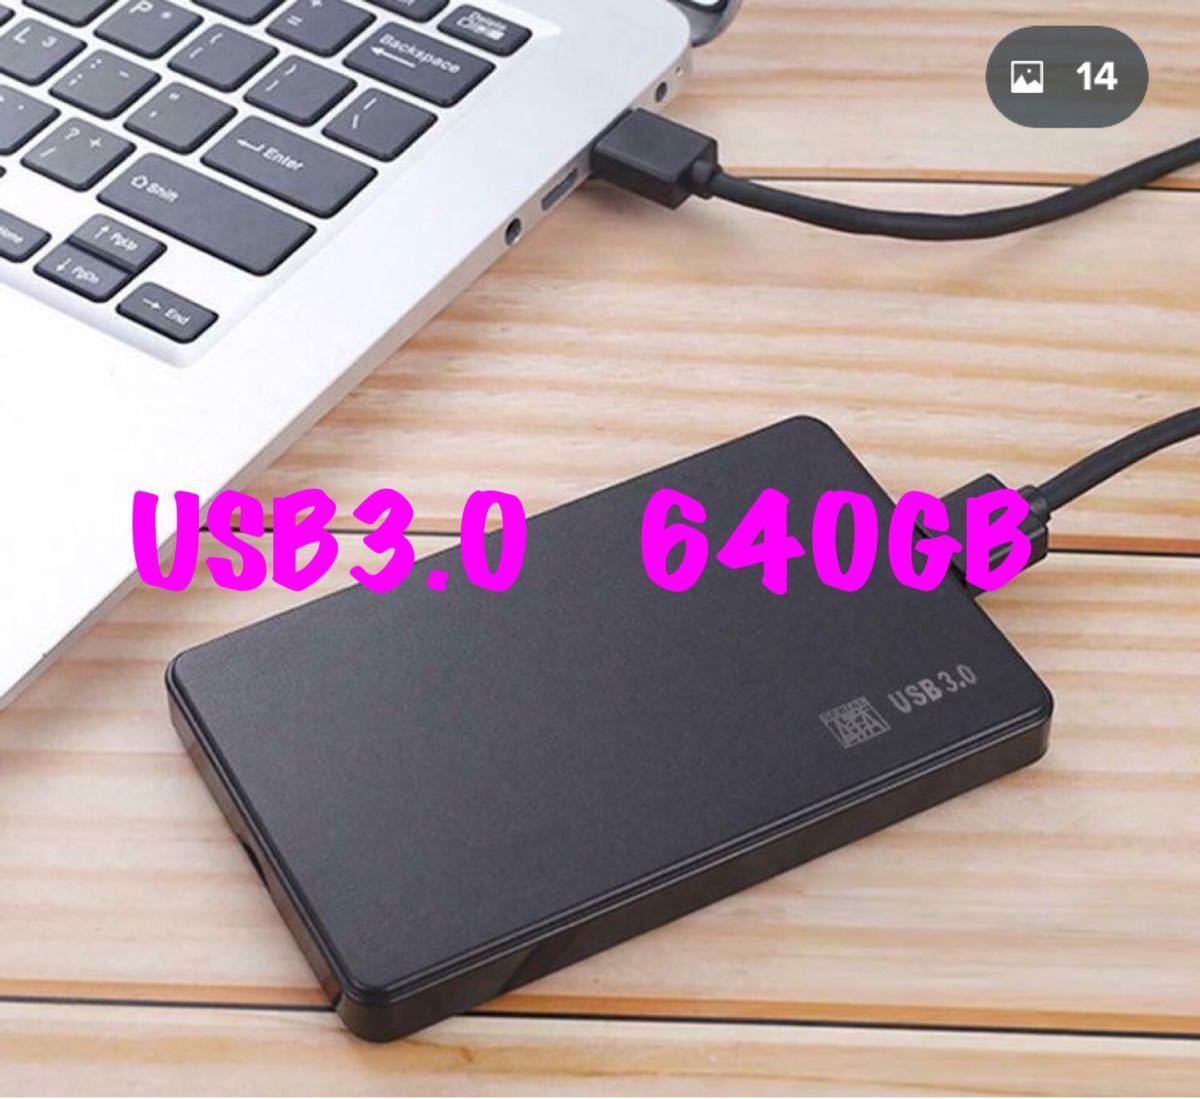 東芝 640GB HDD USB3.0 外付 ポータブル ハードディスク 2.5 ケース新品 検査済 電源不要 バスパワー